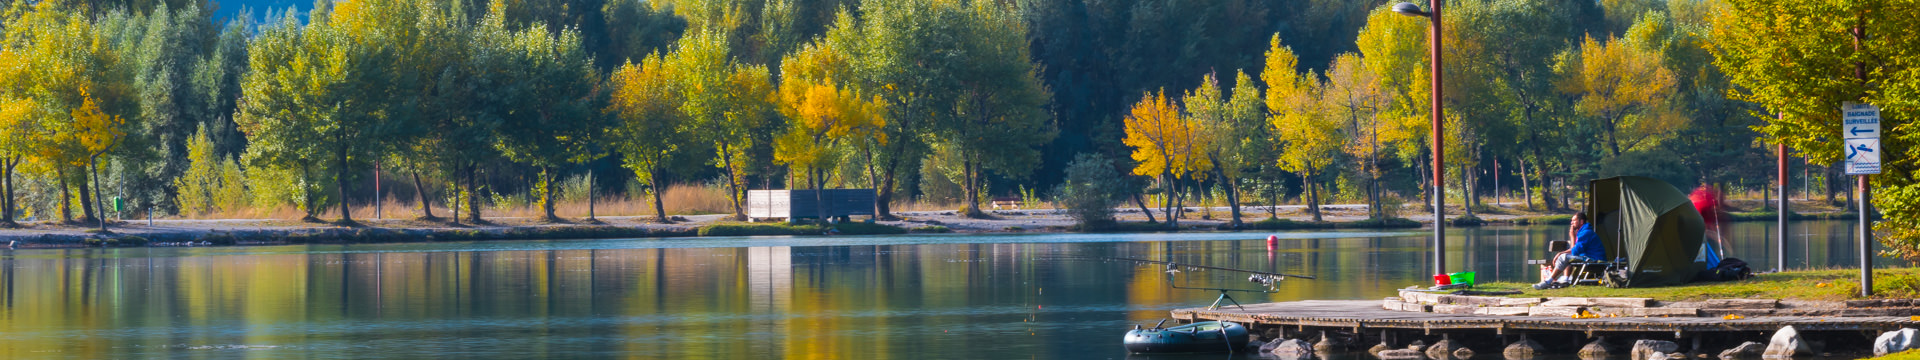 Les plus beaux spots de pêche de Serre-Ponçon